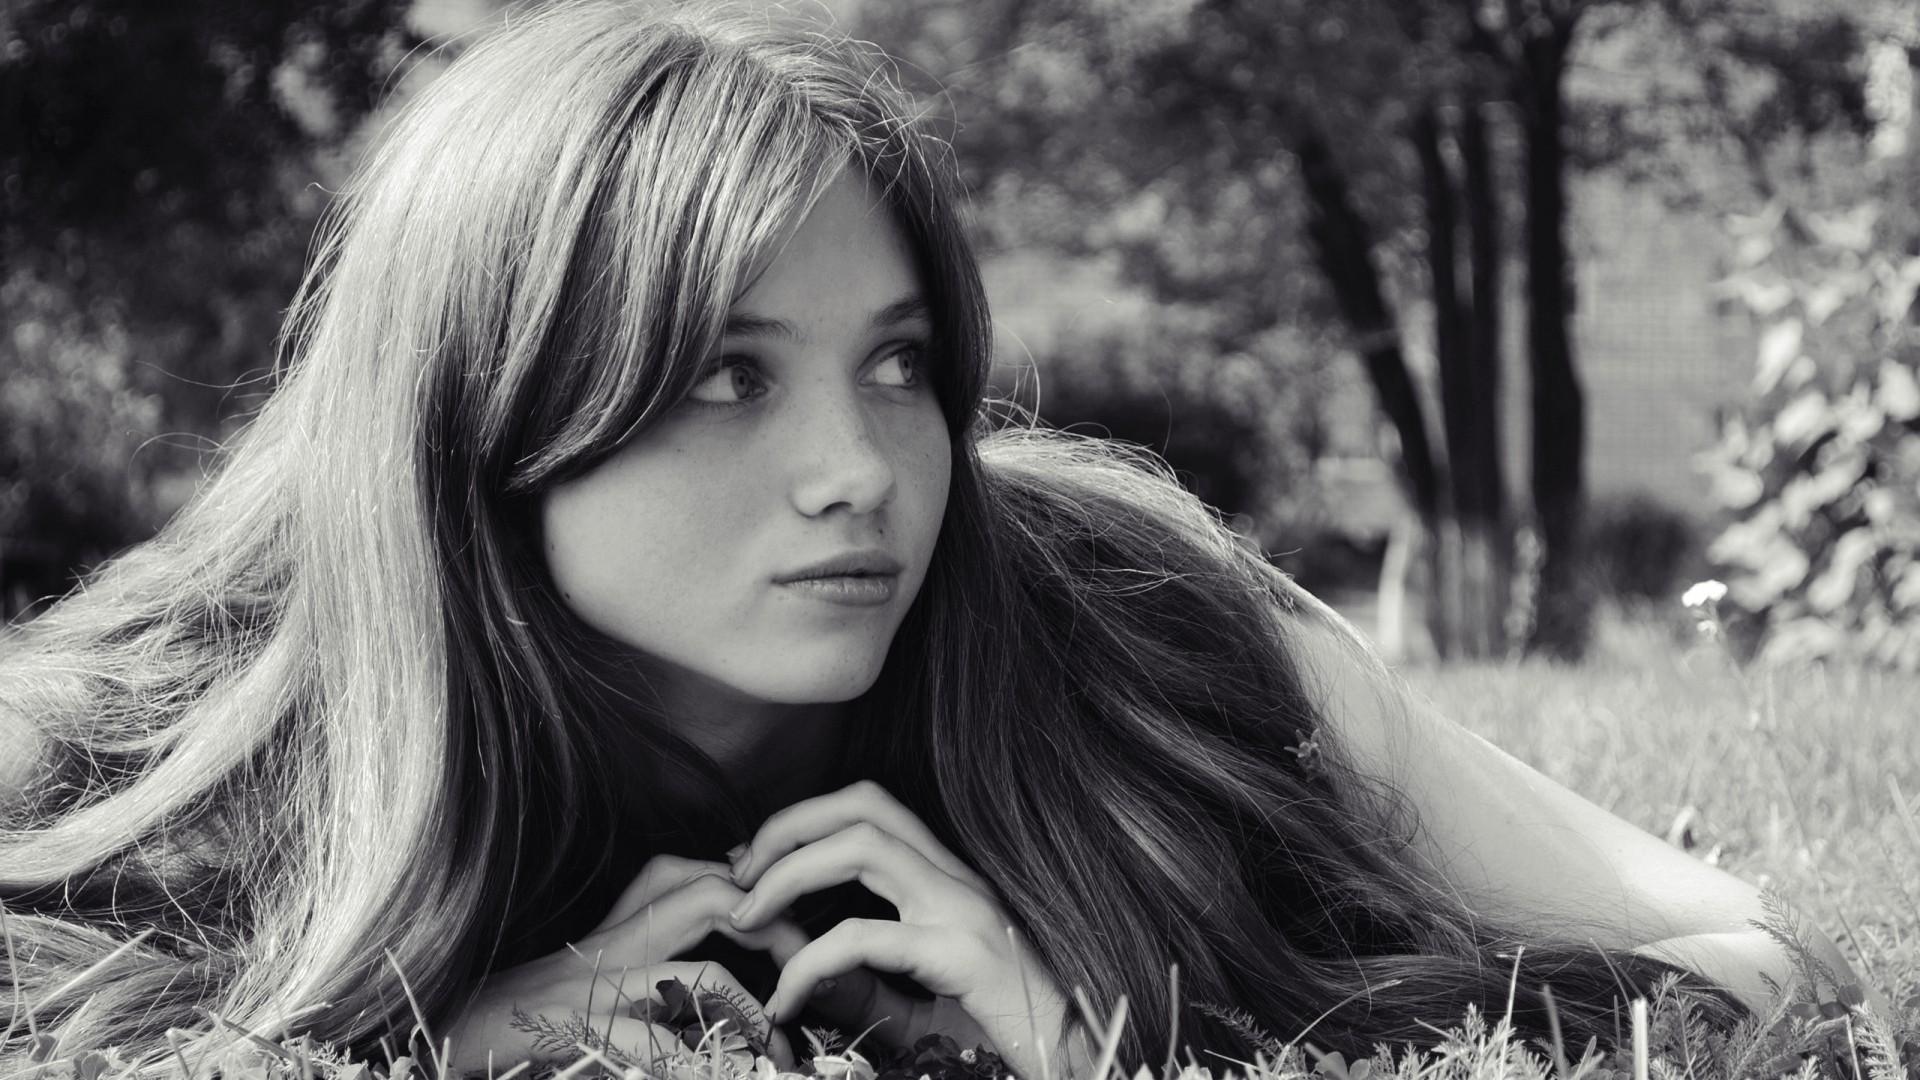 этот красивые черно белые фотографии девушек менялись, вскоре